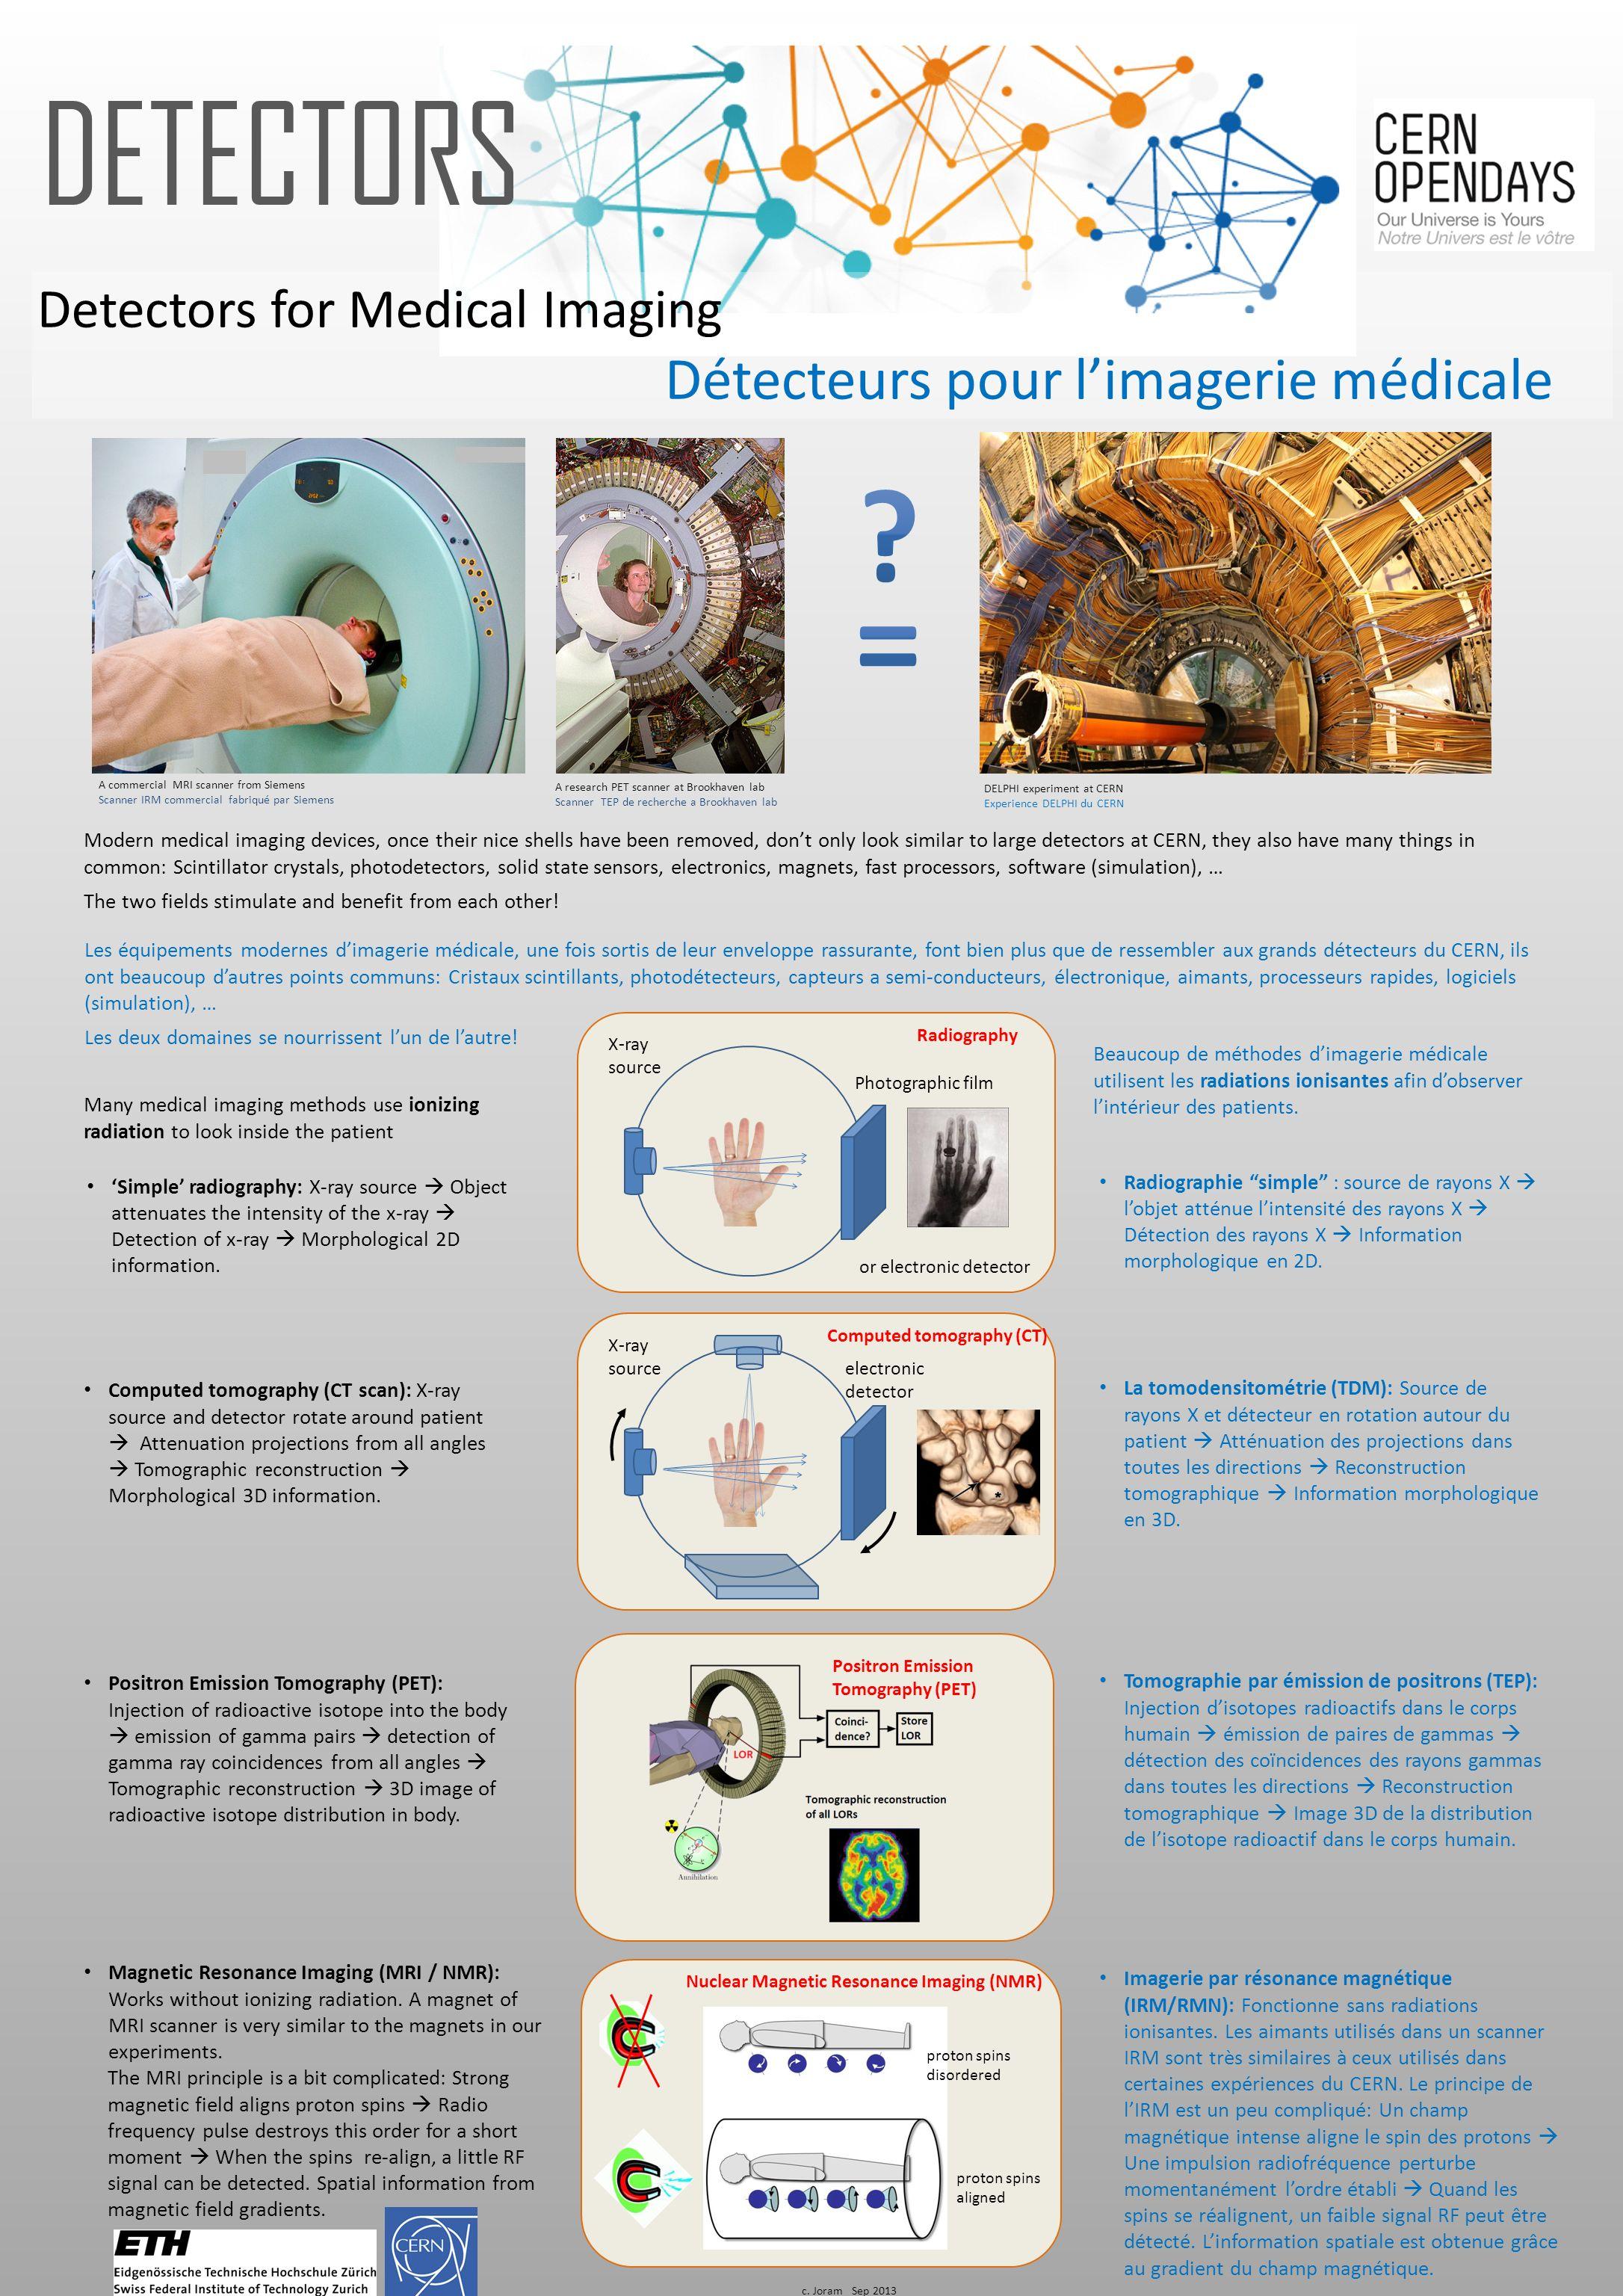 DETECTORS = Détecteurs pour l'imagerie médicale